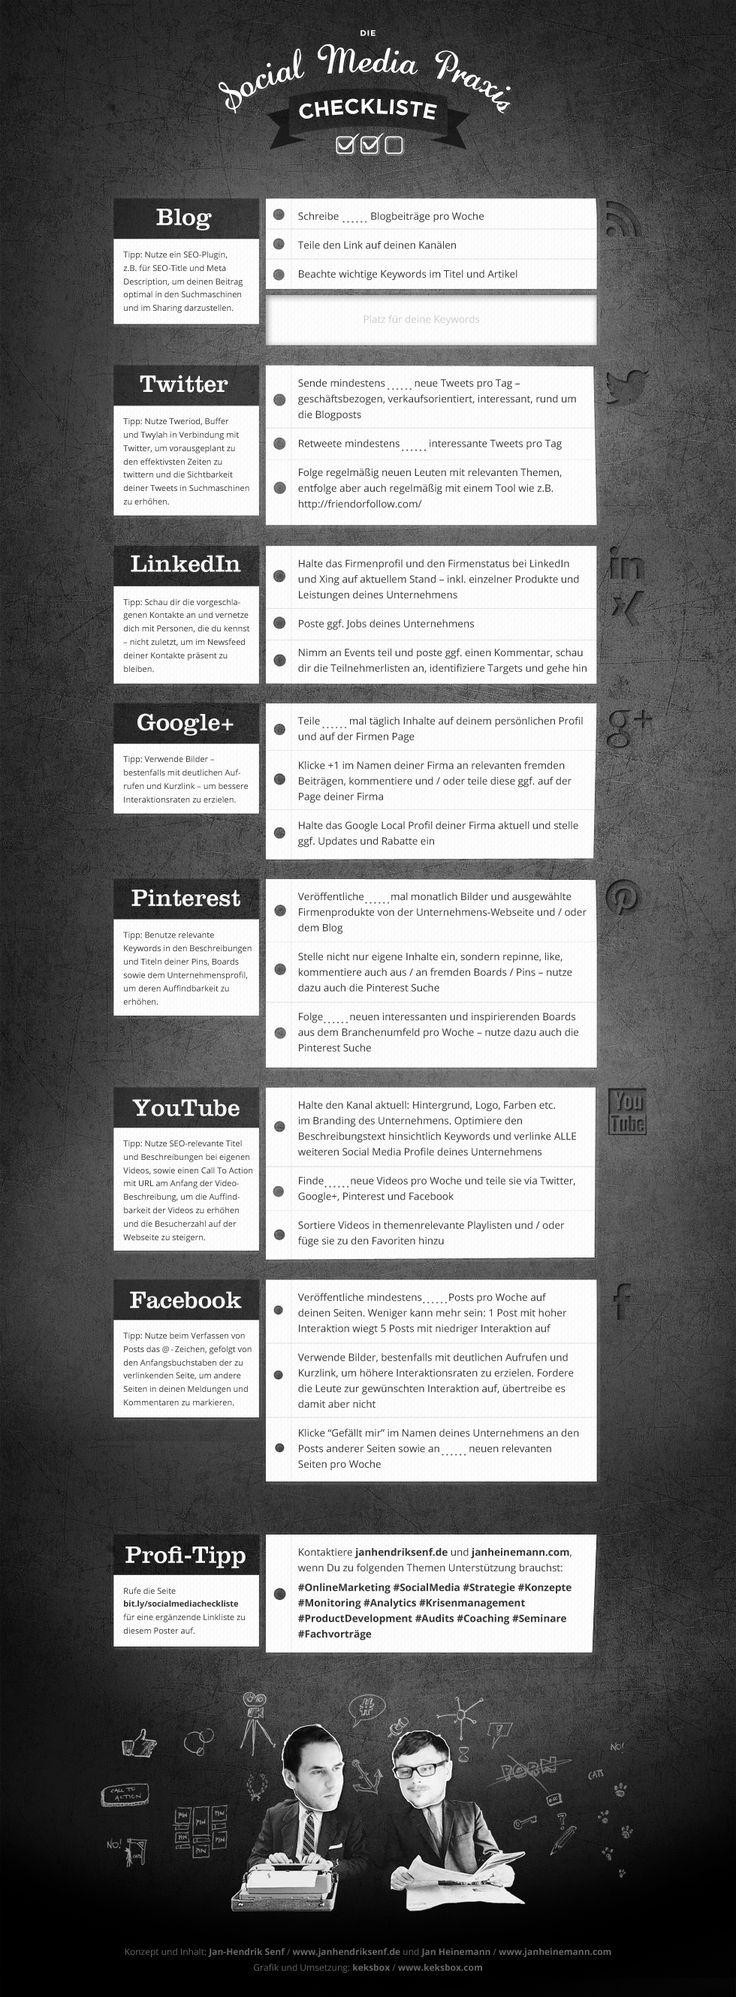 Social Media Marketing Checkliste © SENF.heinemann => Klicken zum Vergrössern <=